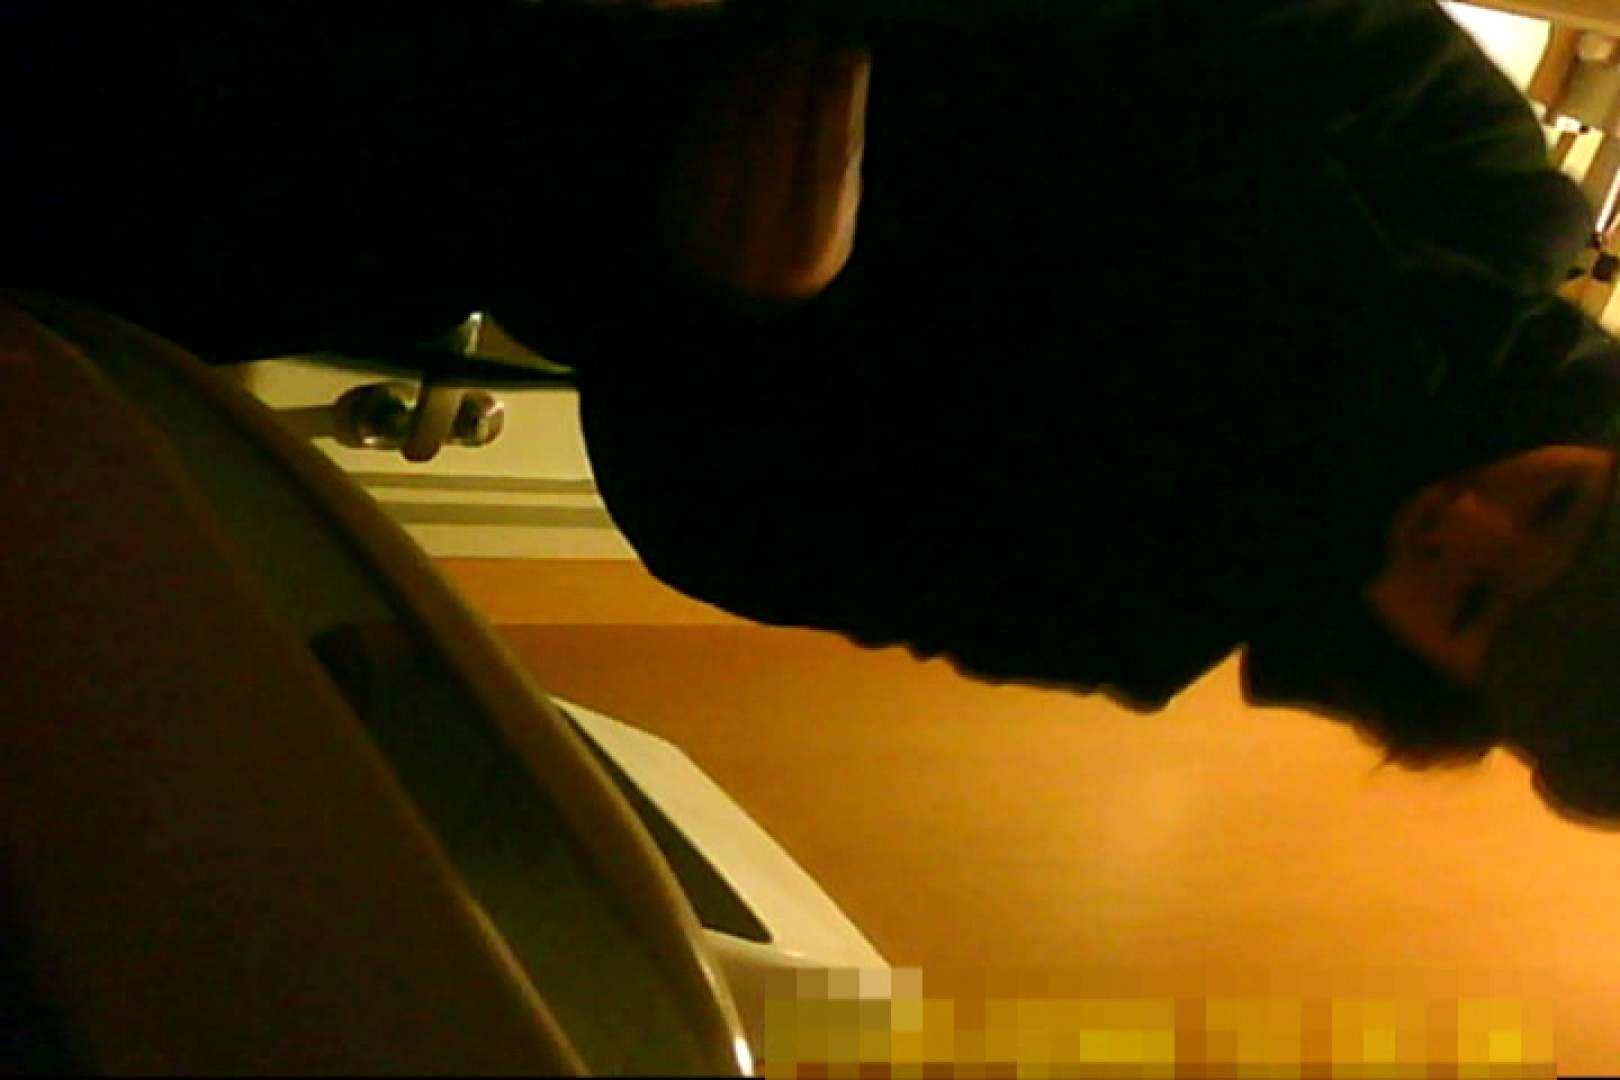 魅惑の化粧室~禁断のプライベート空間~vol.10 盗撮師作品 エロ無料画像 102pic 50